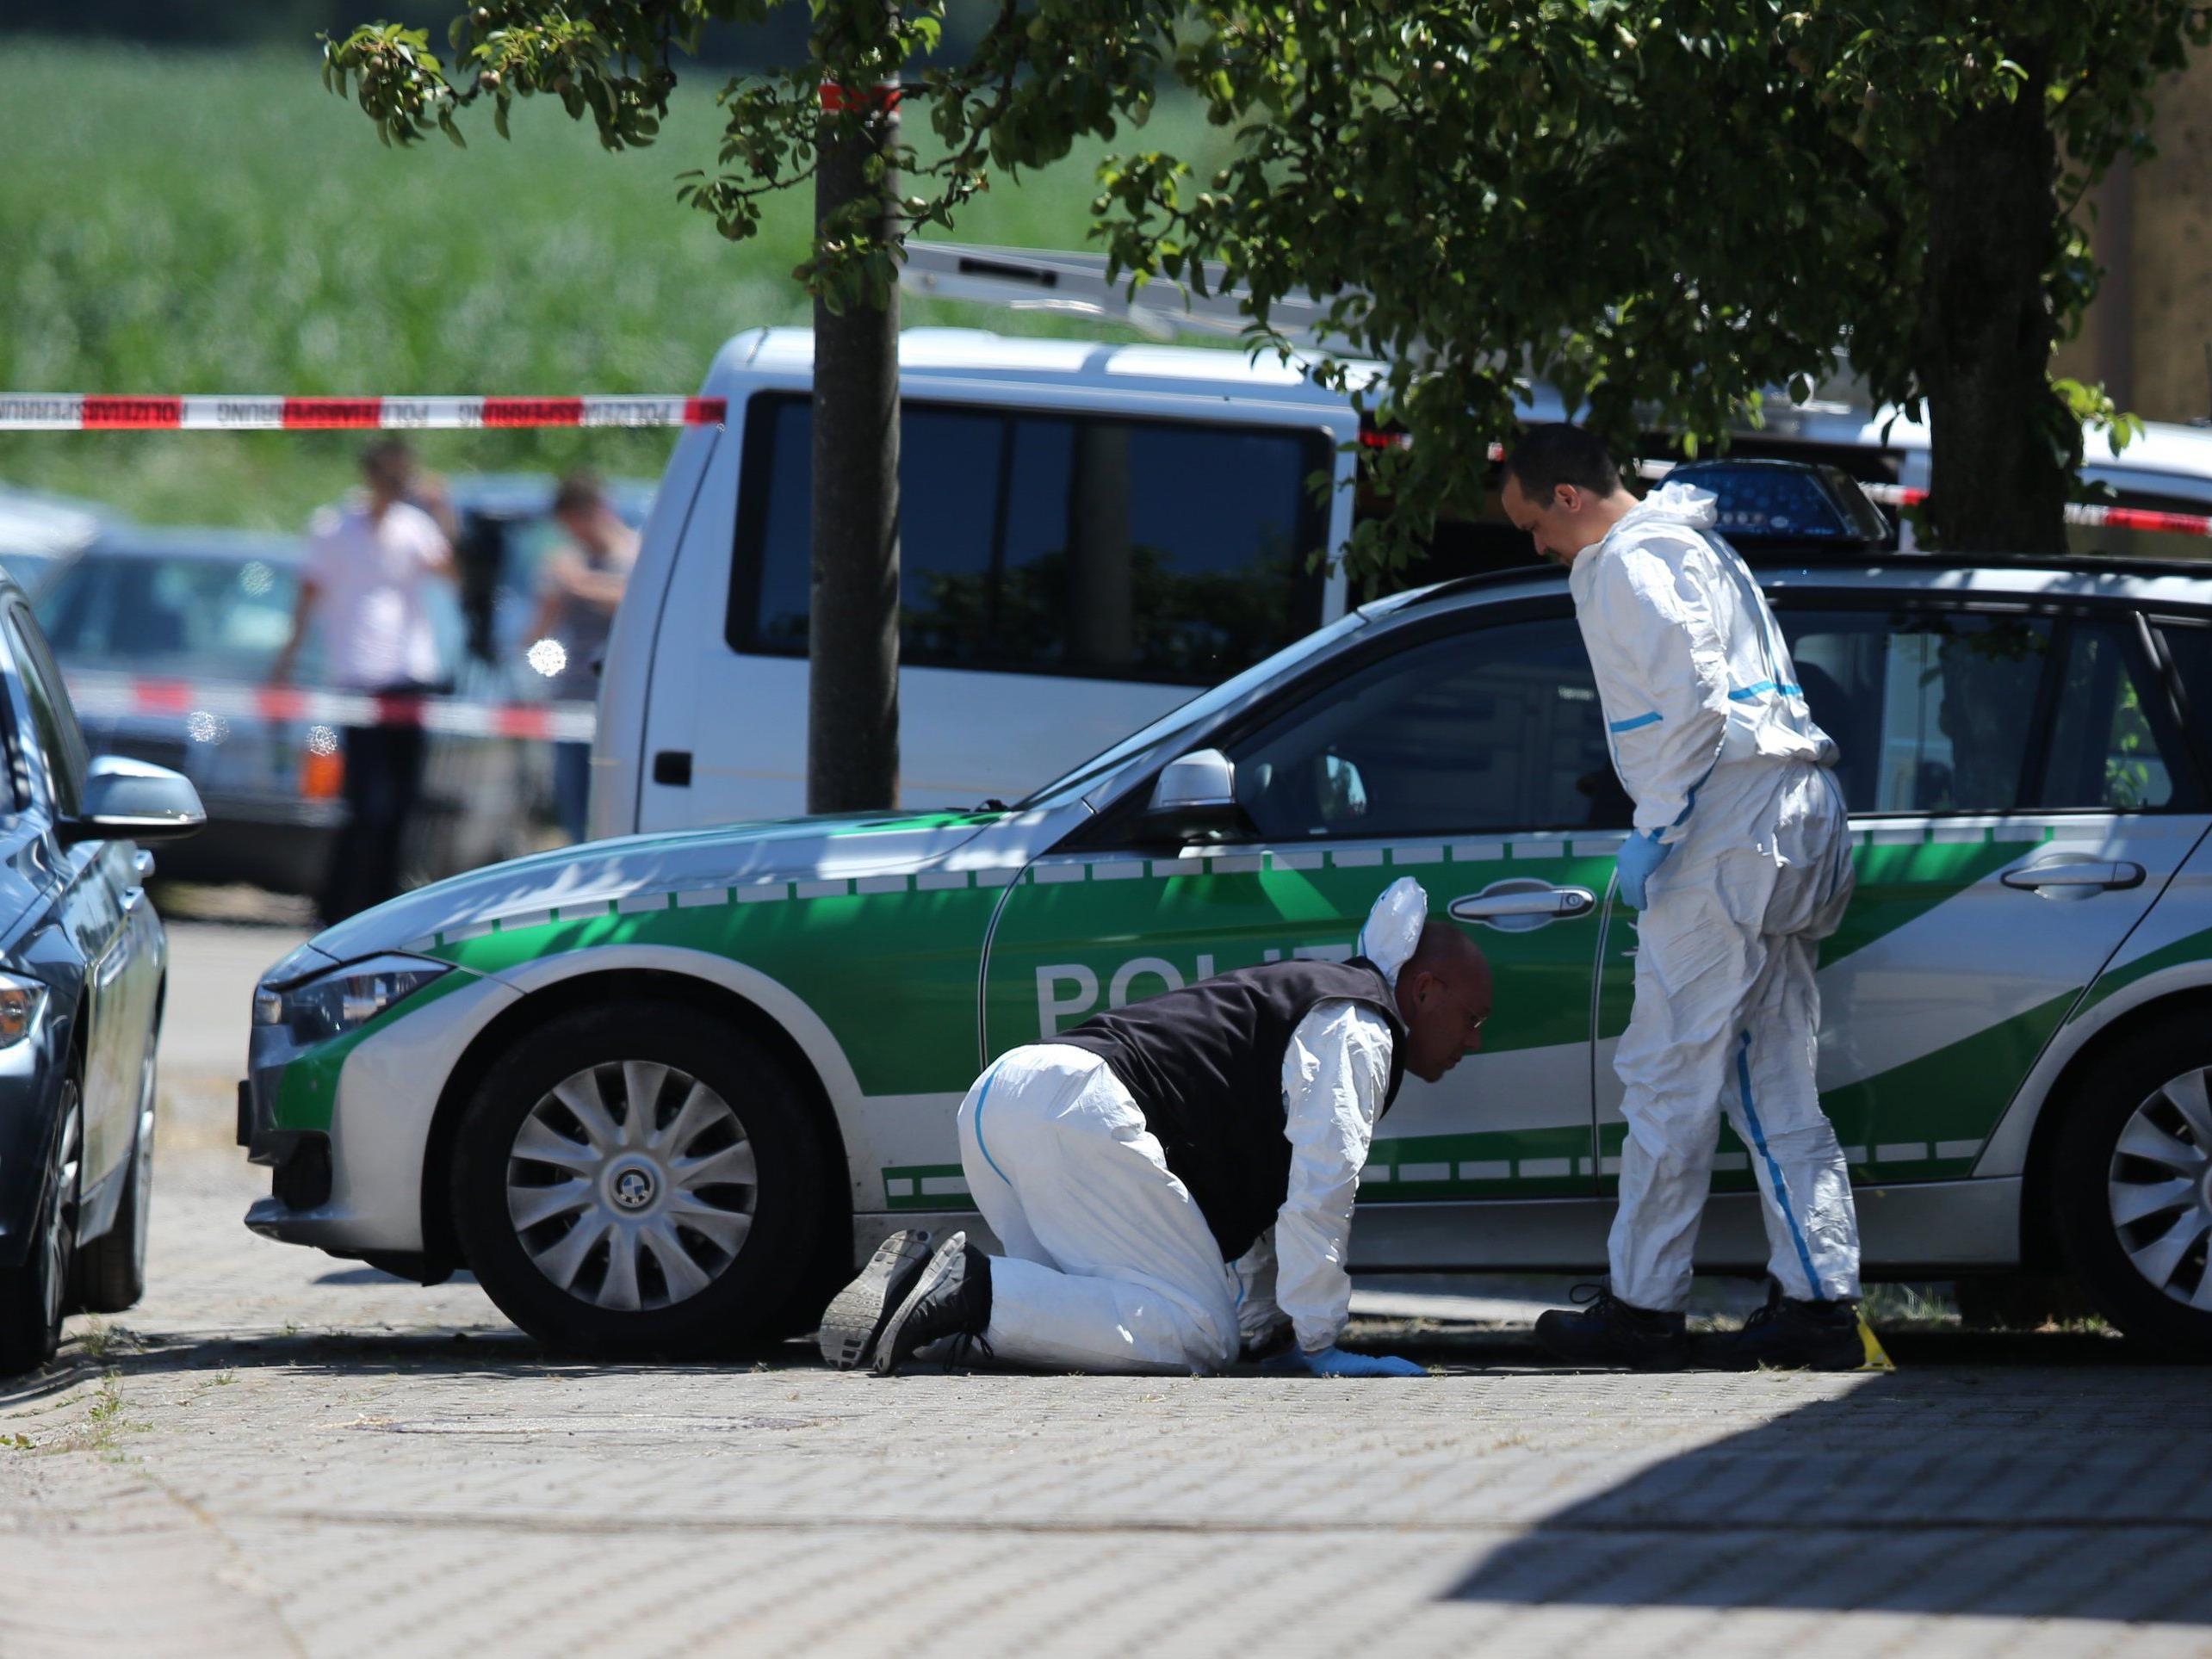 Amoklauf in Bayern: Autofahrer erschoss zwei Menschen - Festnahme.